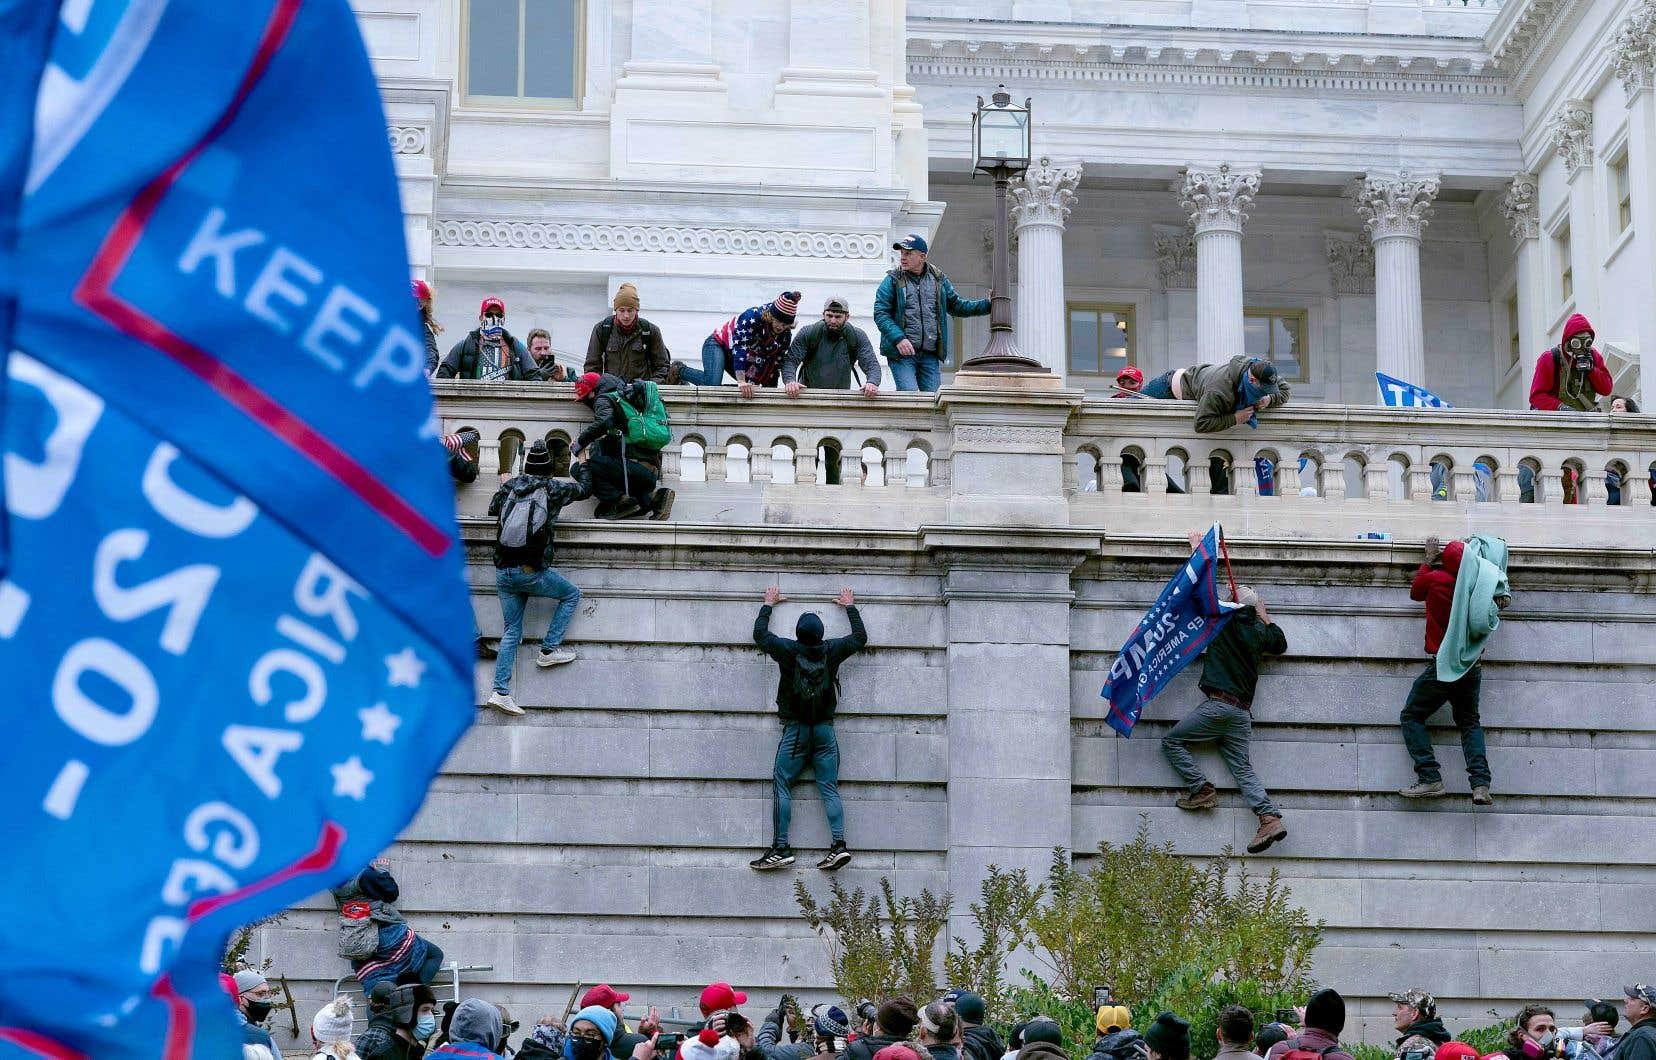 Des manifestants grimpaient mercredi le mur ouest du Capitole, en soutien au président sortant Donald Trump.